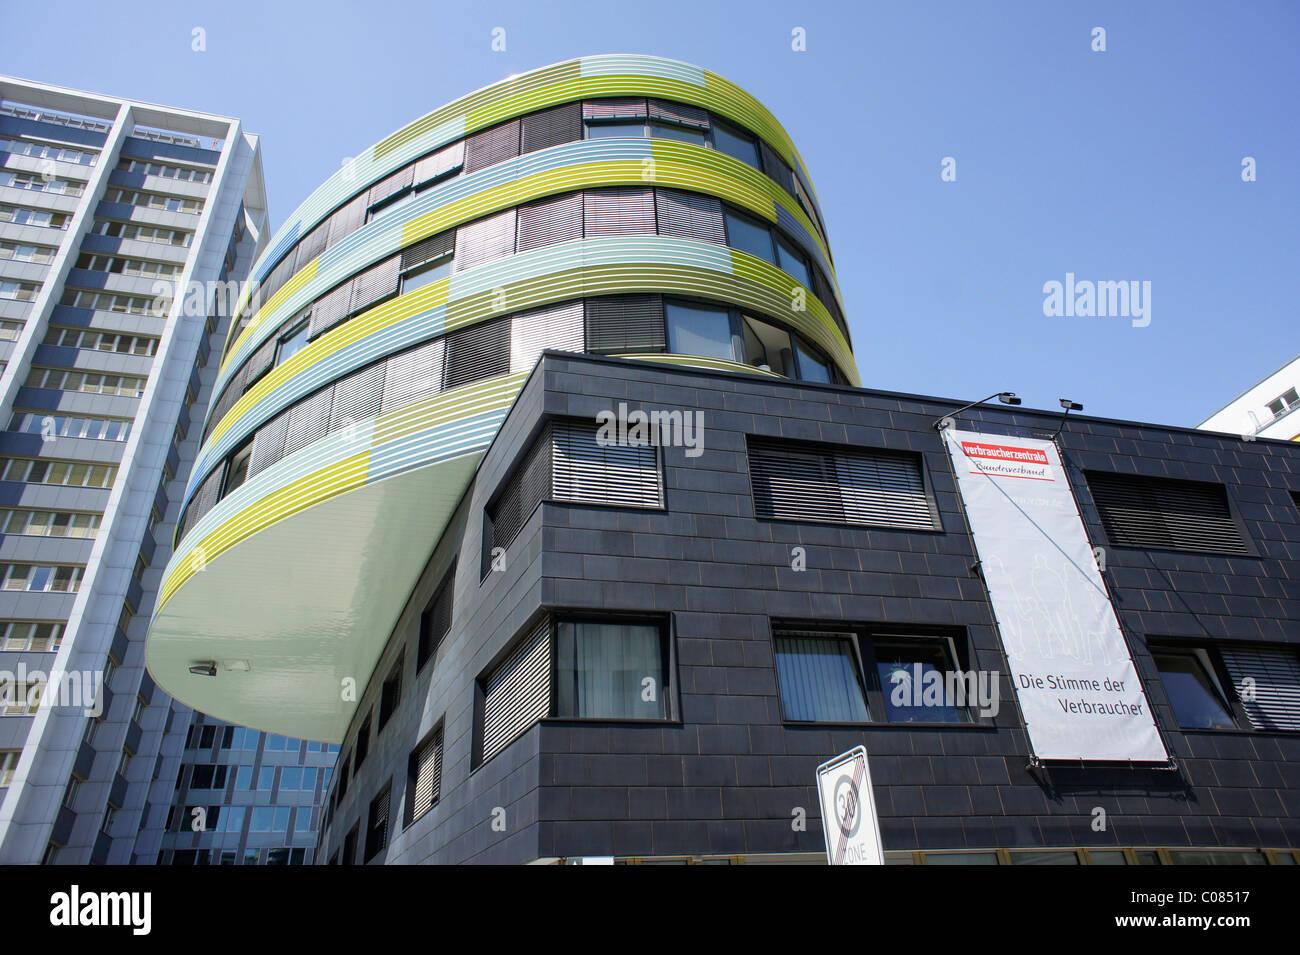 Büro des Verbandes der Verbraucher-Beratungsstellen, Berlin, Deutschland, Europa Stockbild